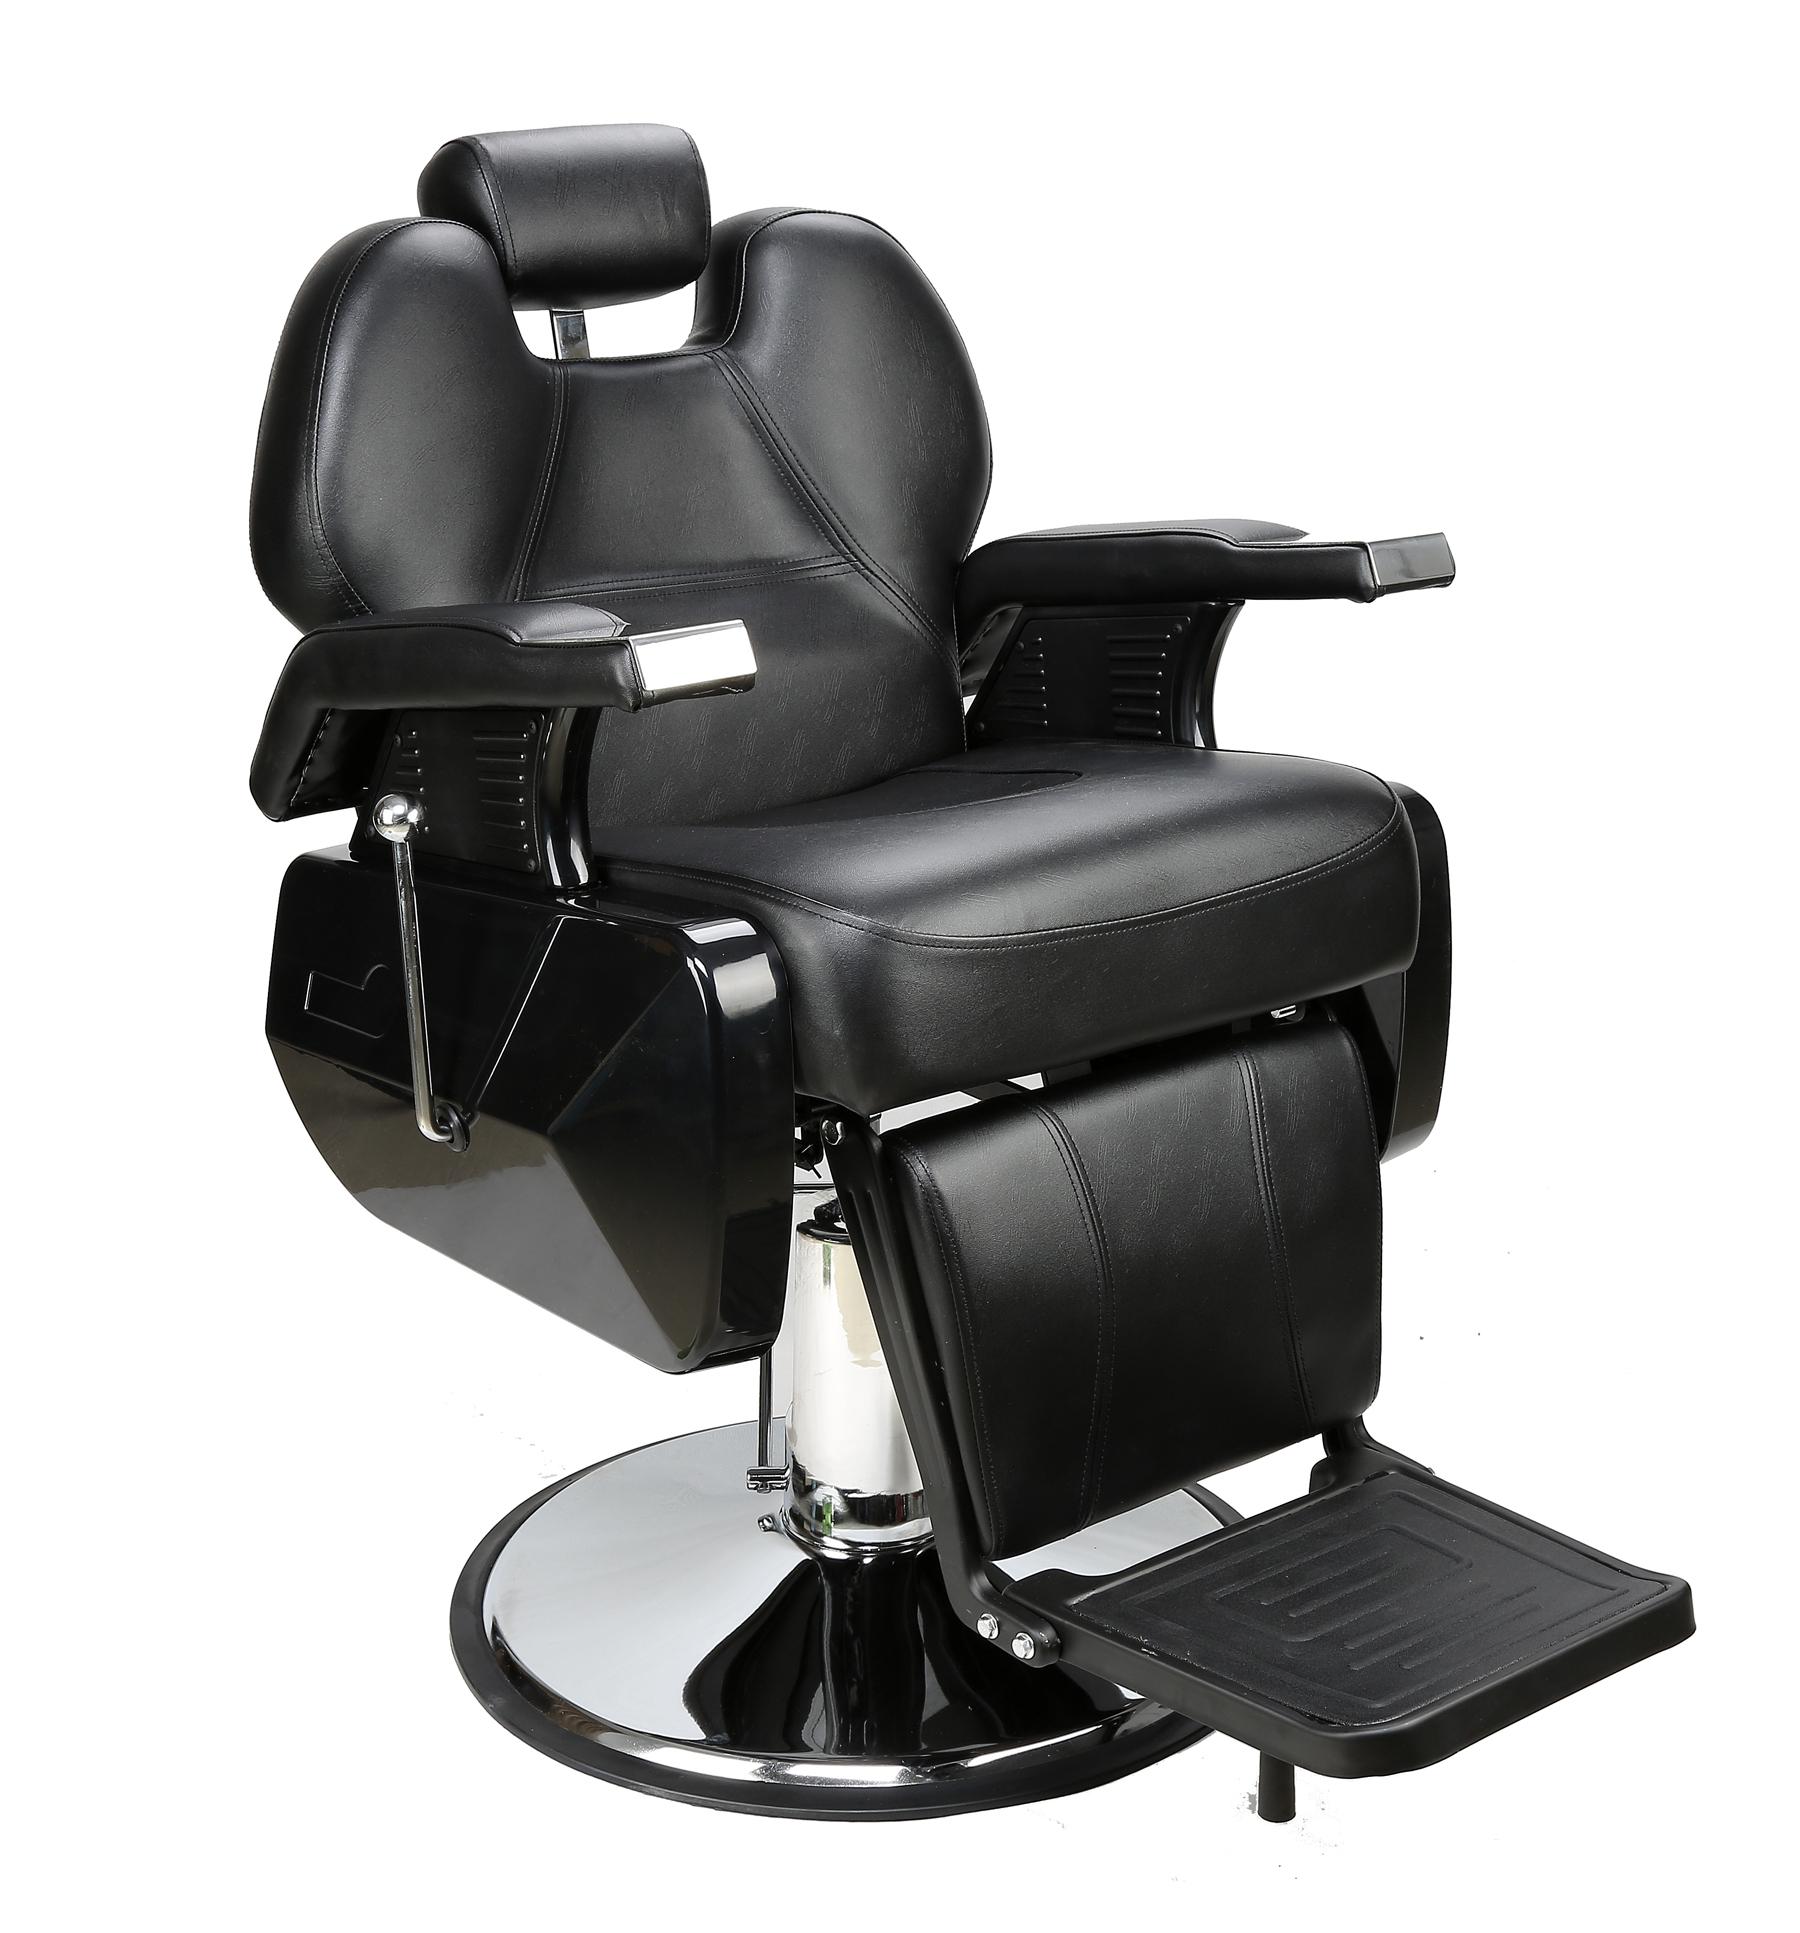 Amazon Com Barberpub All Purpose Hydraulic Recline Barber